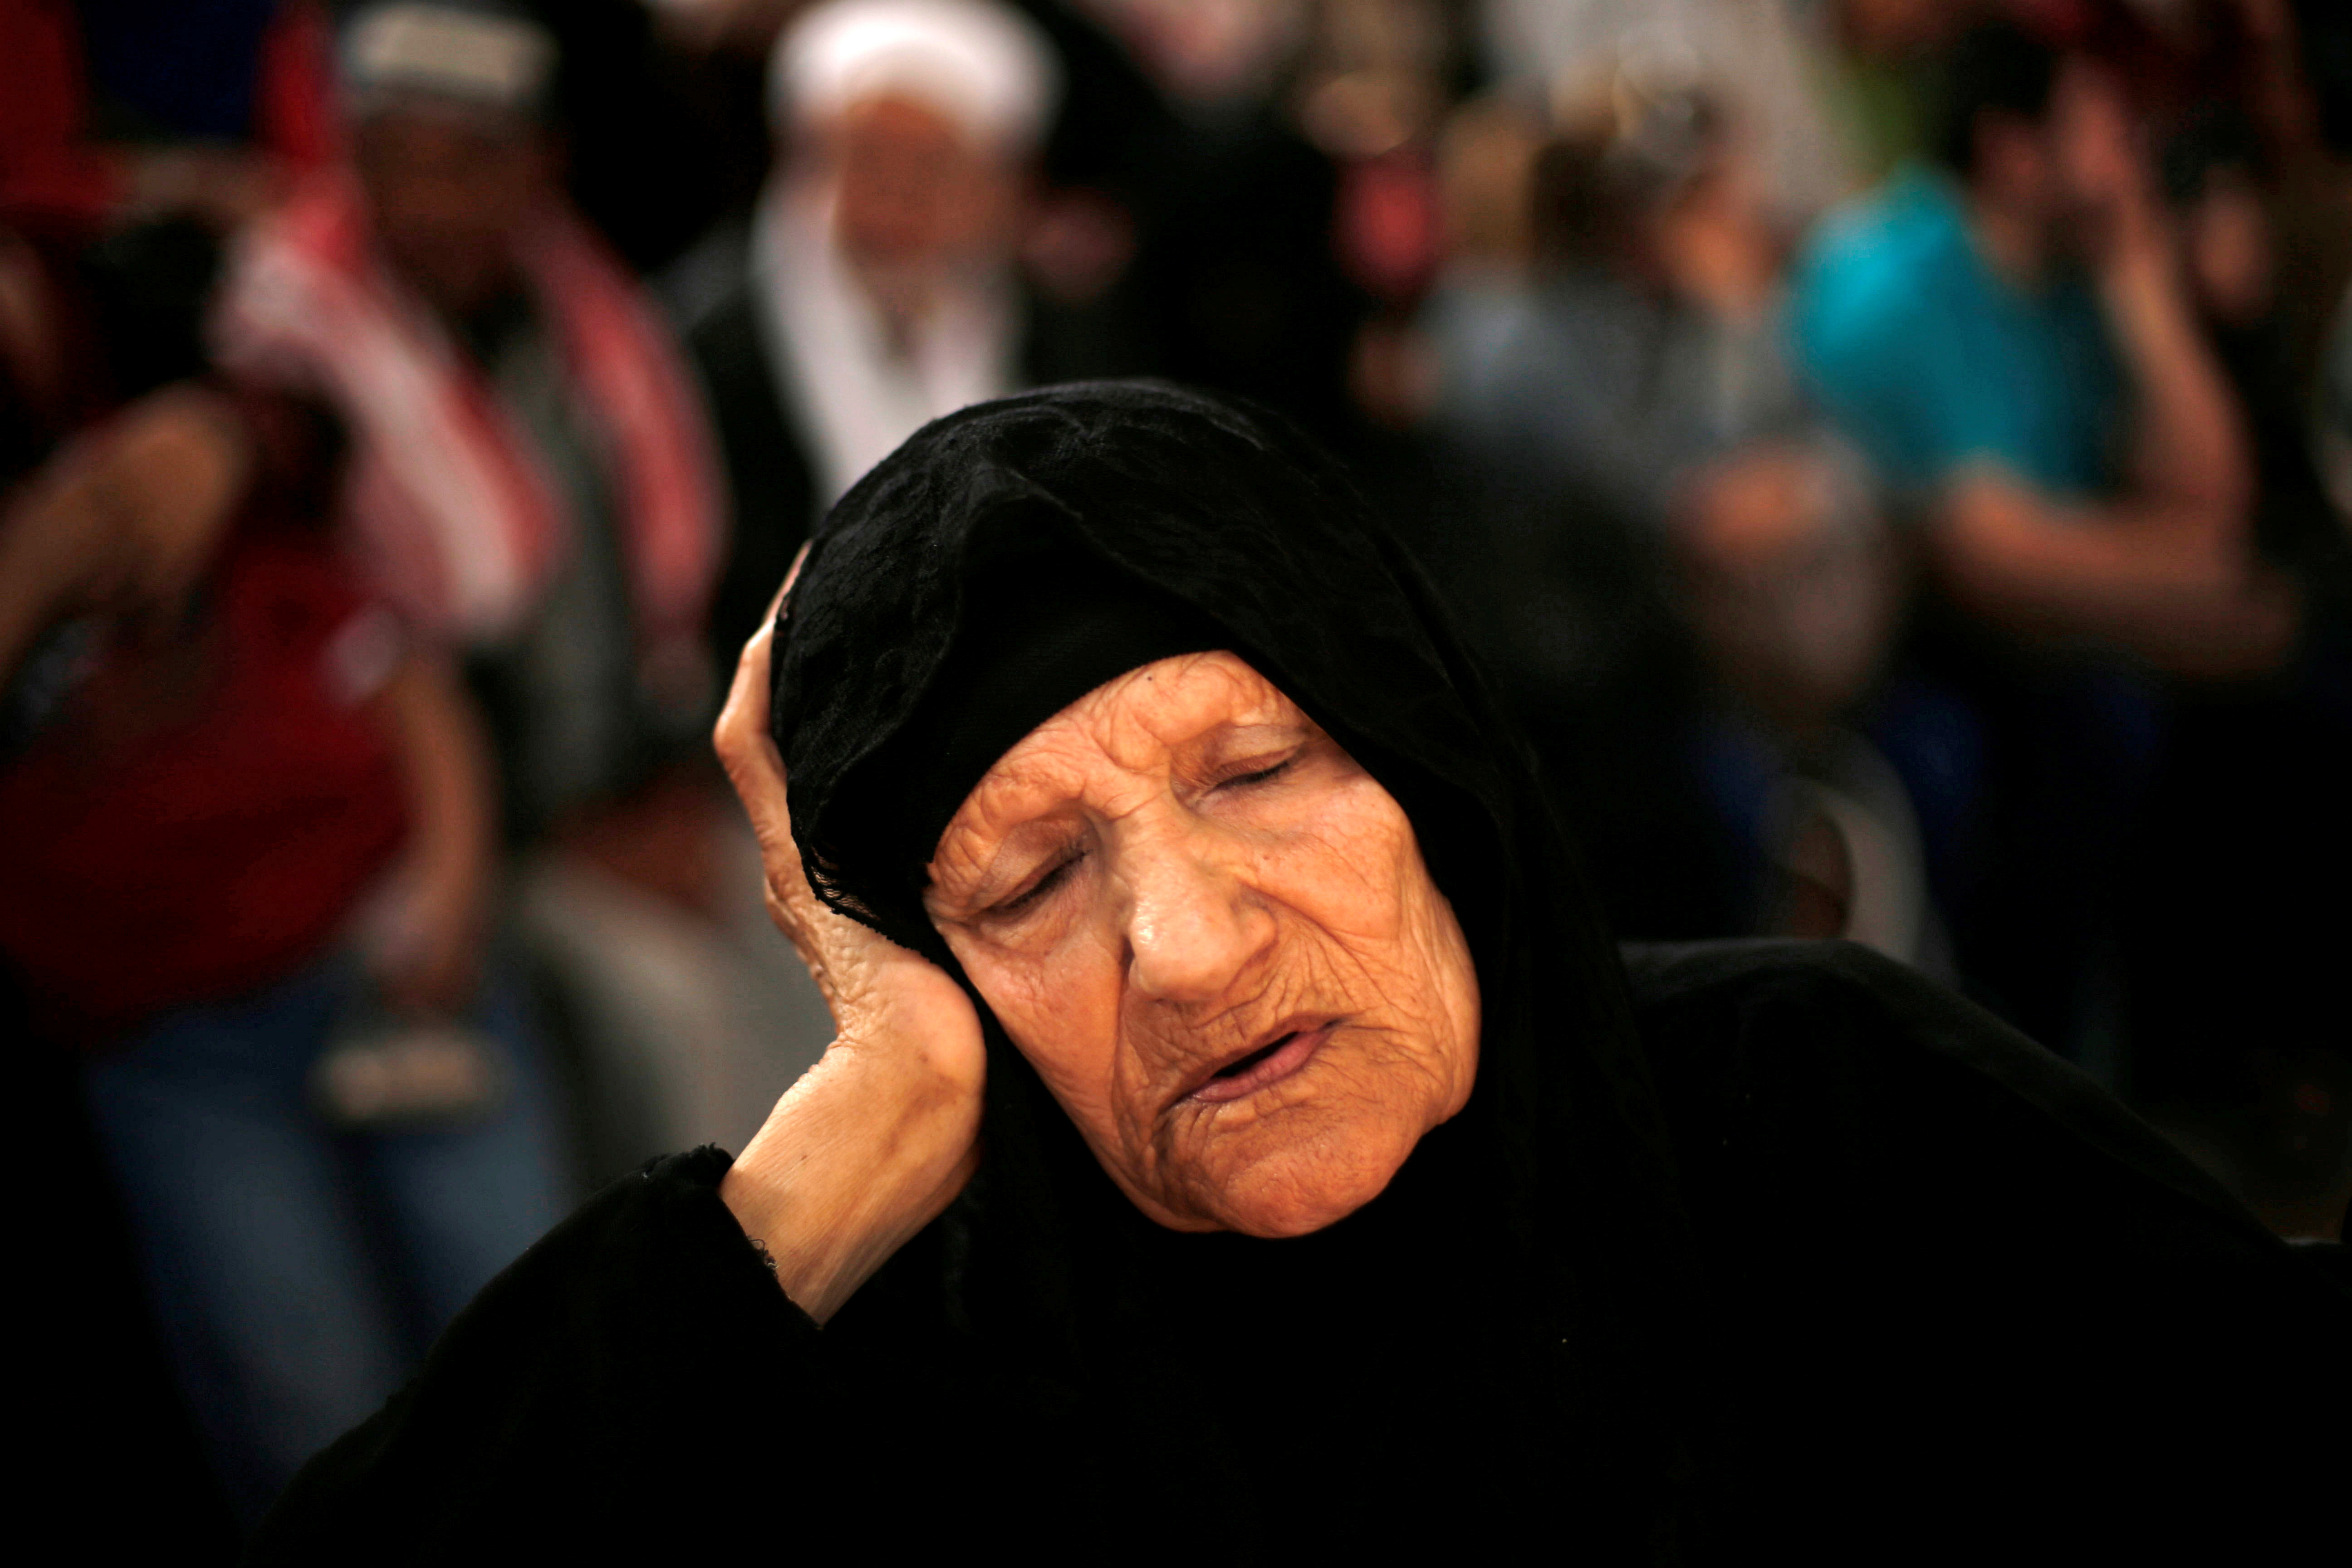 RAFAH, GAZA: En kvinne venter på at grenseovergangen mellom Gazastripen og Egypt i Rafah skal åpne. Egyptiske myndigheter åpnet grensen i fire døgn fra onsdag. FOTO: Suhaib Salem / NTB scanpix